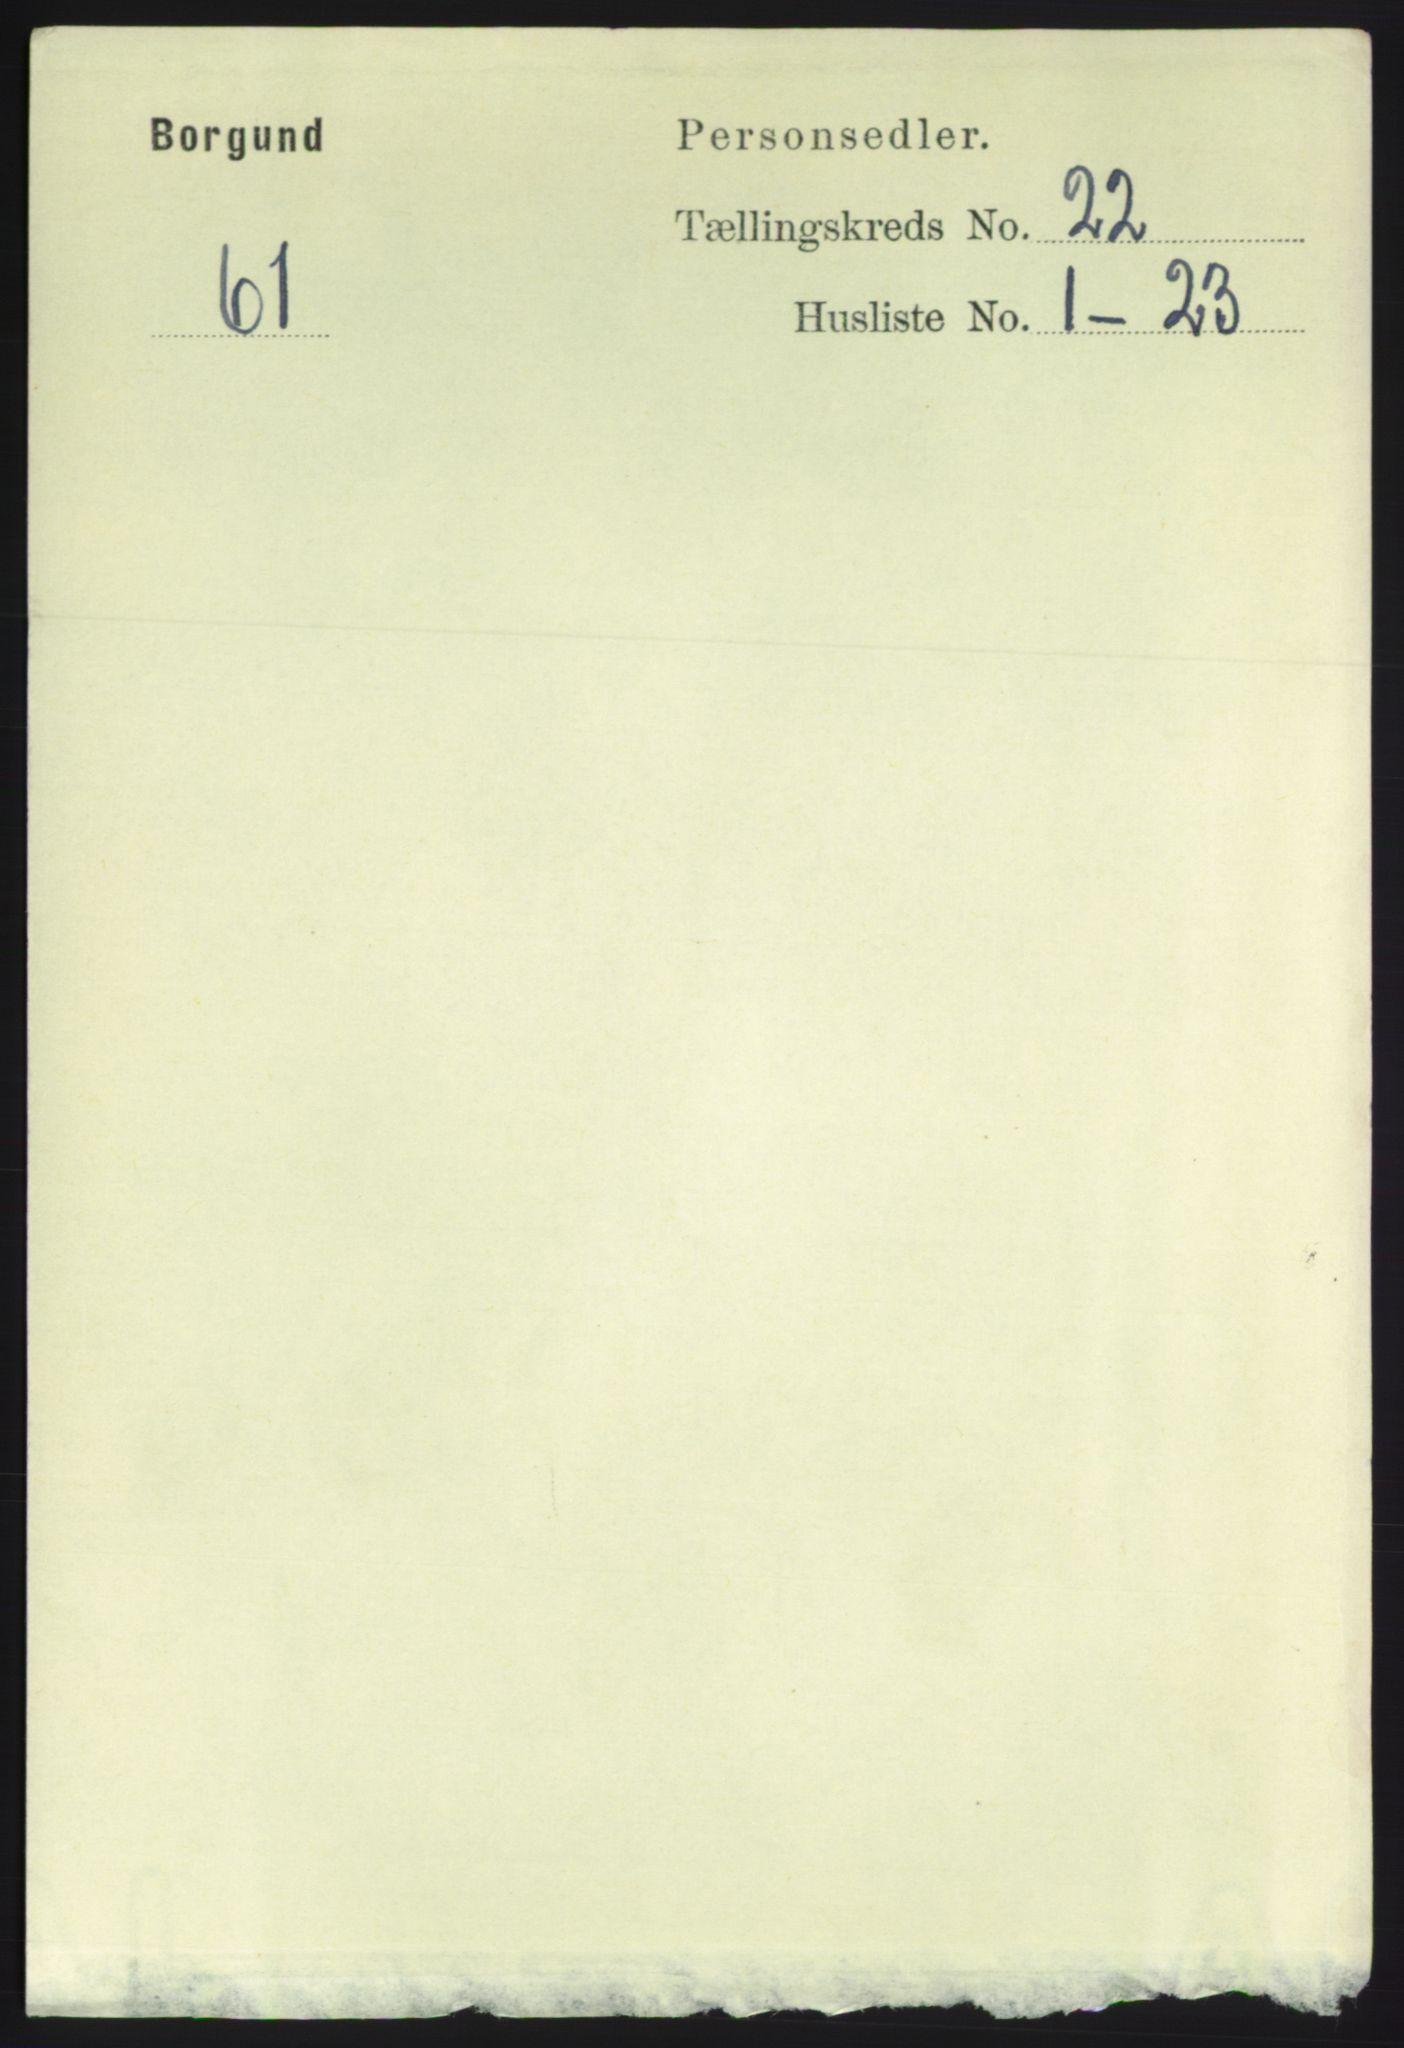 RA, Folketelling 1891 for 1531 Borgund herred, 1891, s. 6640